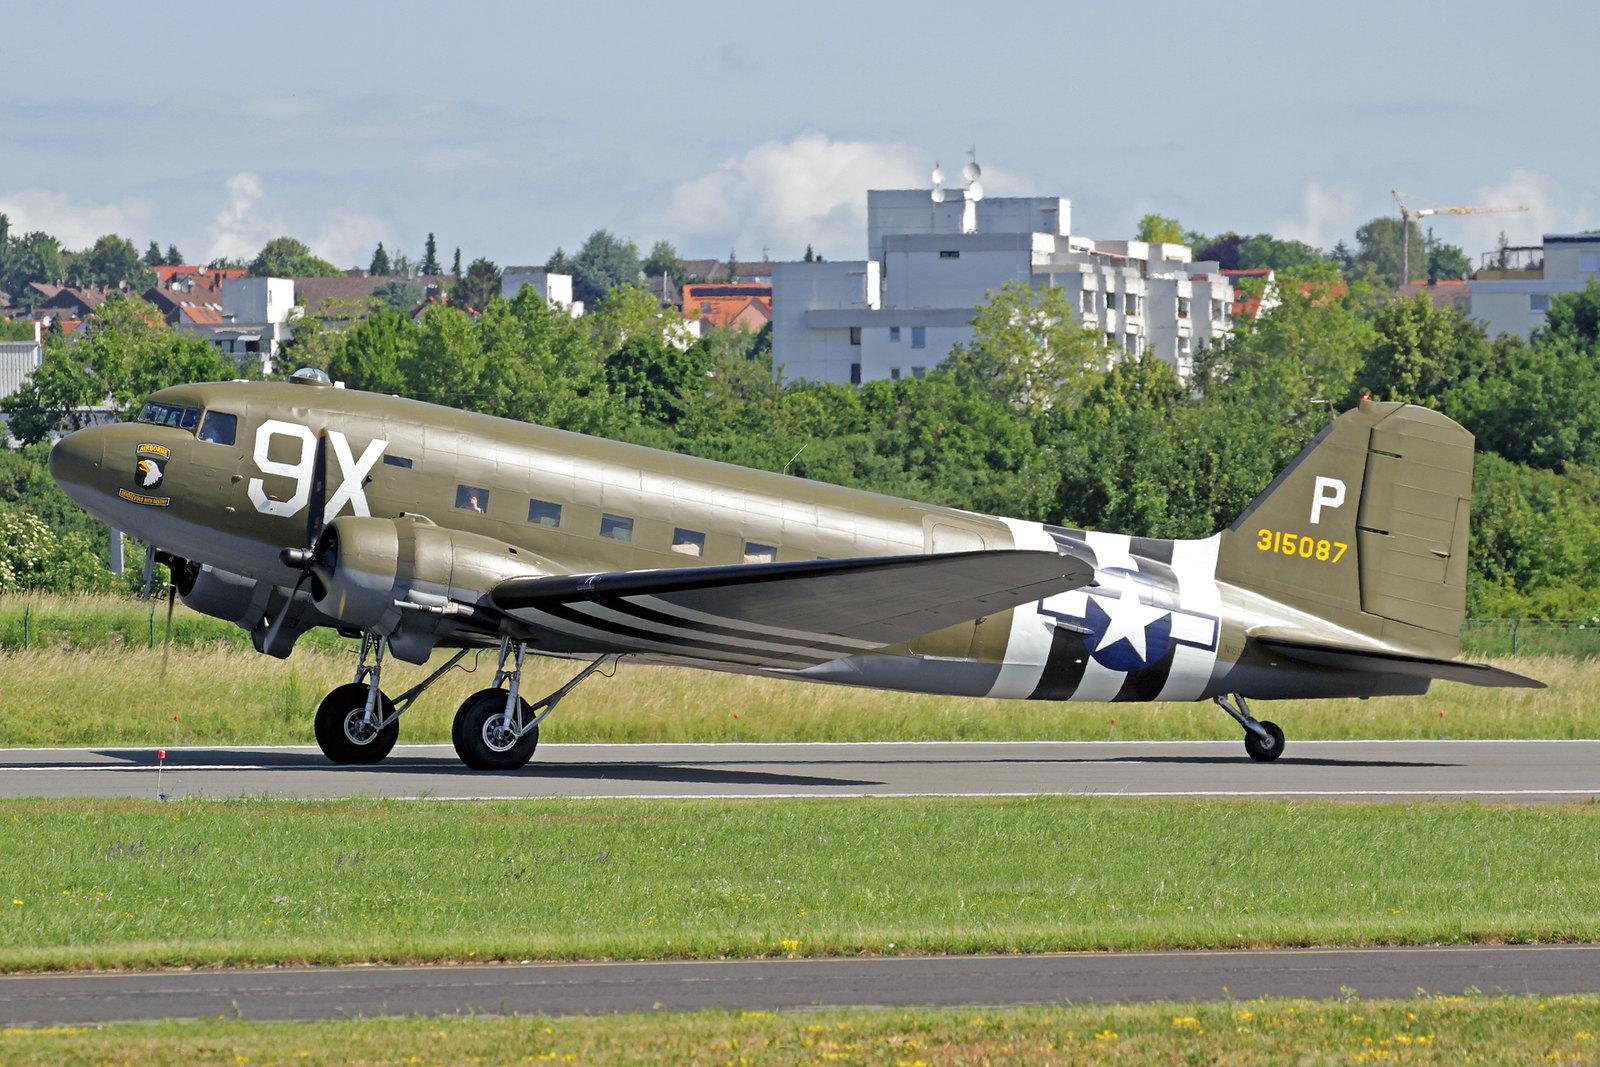 N150D - Diese 78 Jahre alte Dame wurde als eine C-47-DL (c/n 04463) von Douglas in Long Beach gebaut und rollte am 18. November 1941 vom Band. Am 23. Juni 1942 wurde sie der United States Army Air Force mit der Kennung 41-18401 übergeben.